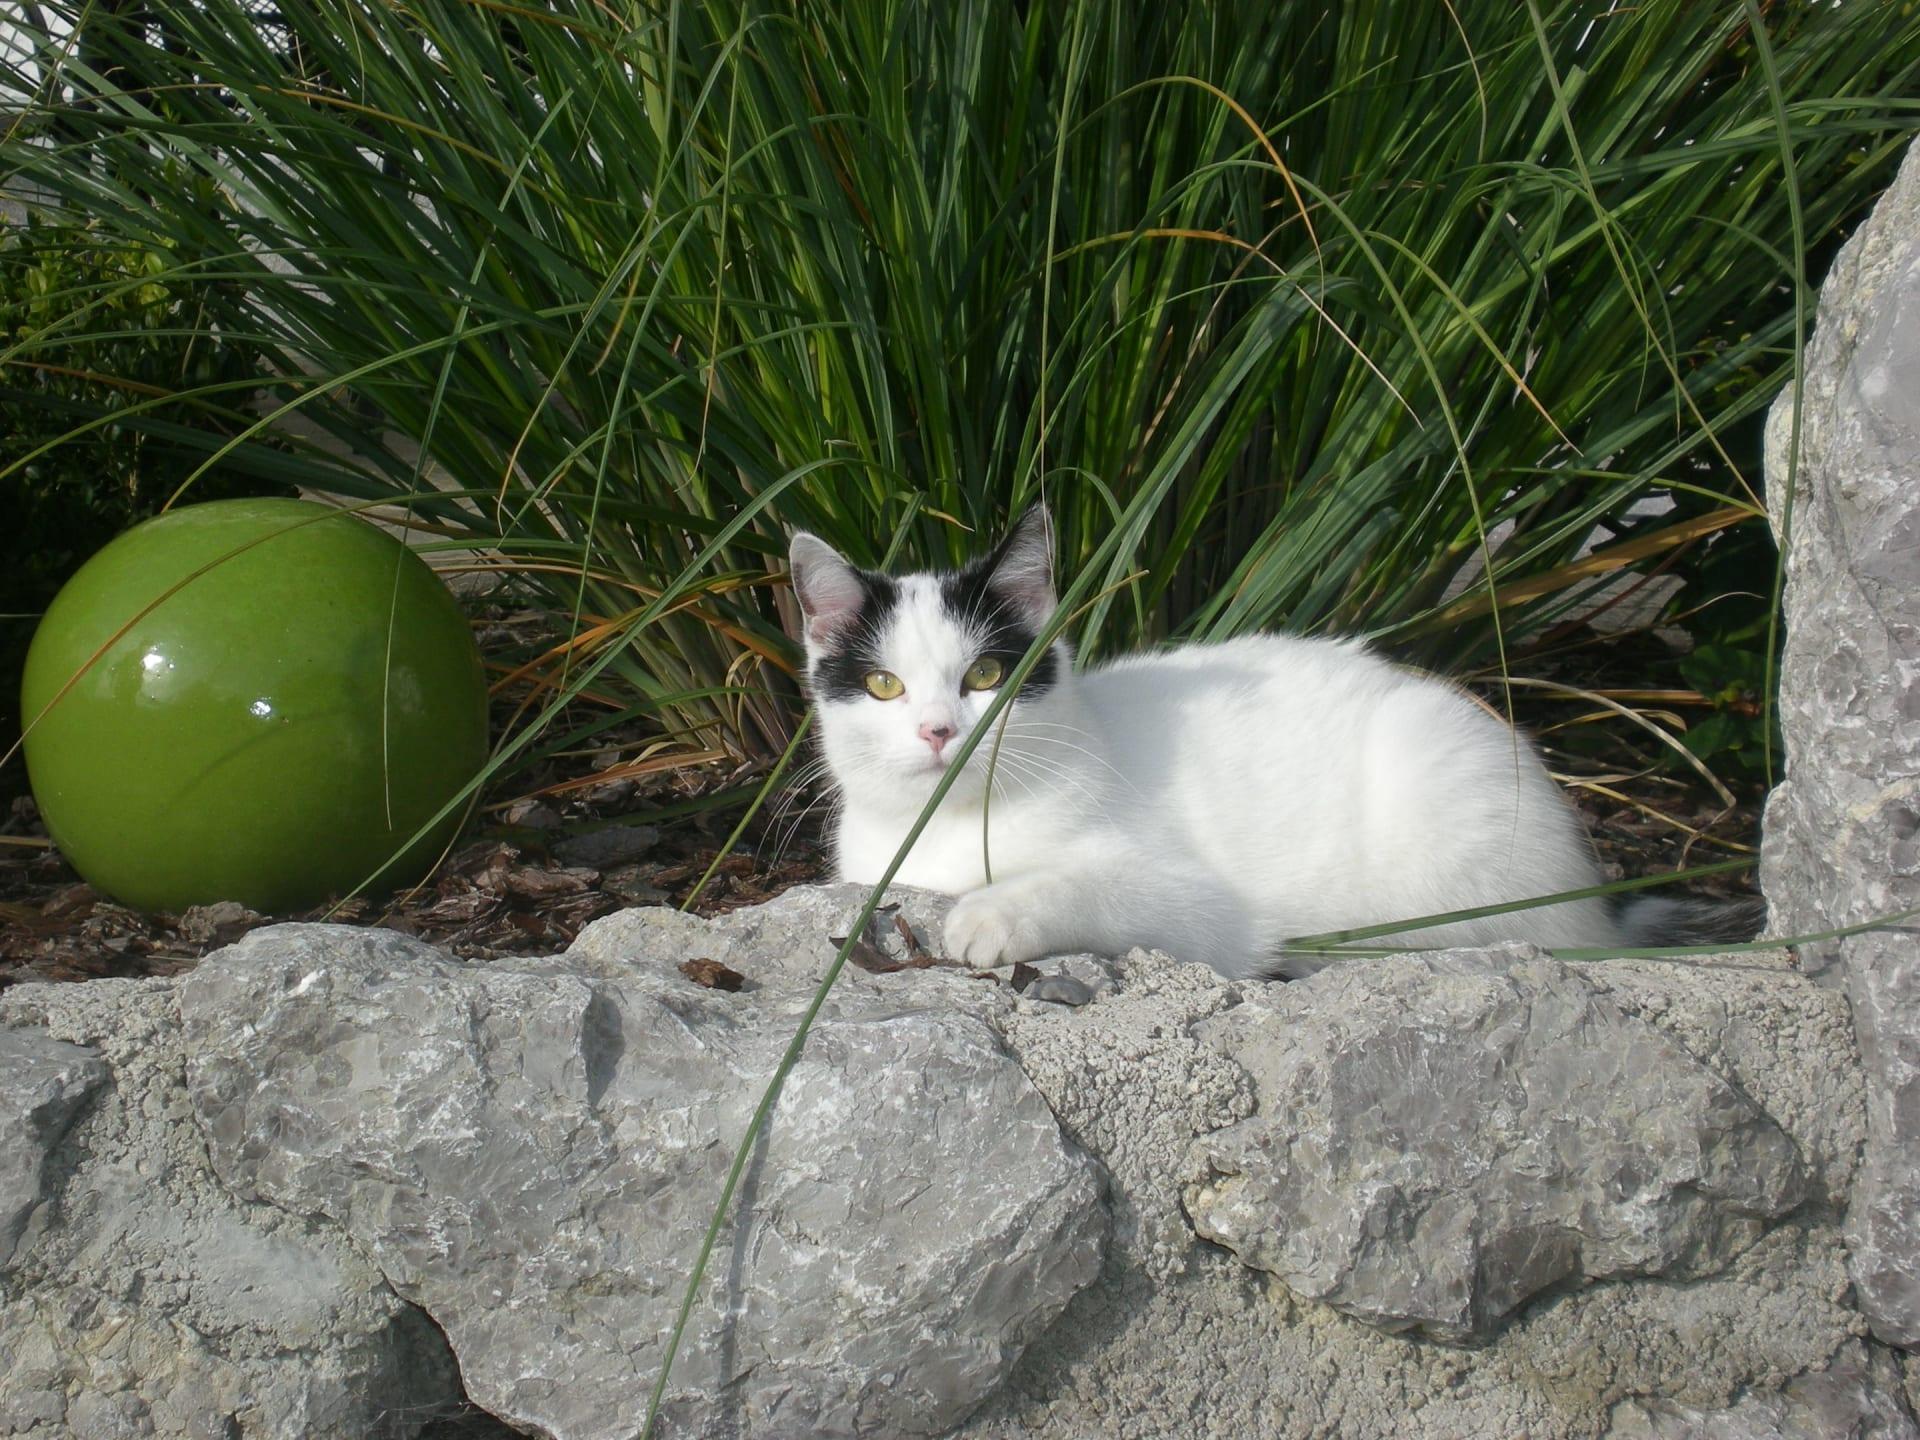 Unsere Katze Mimi